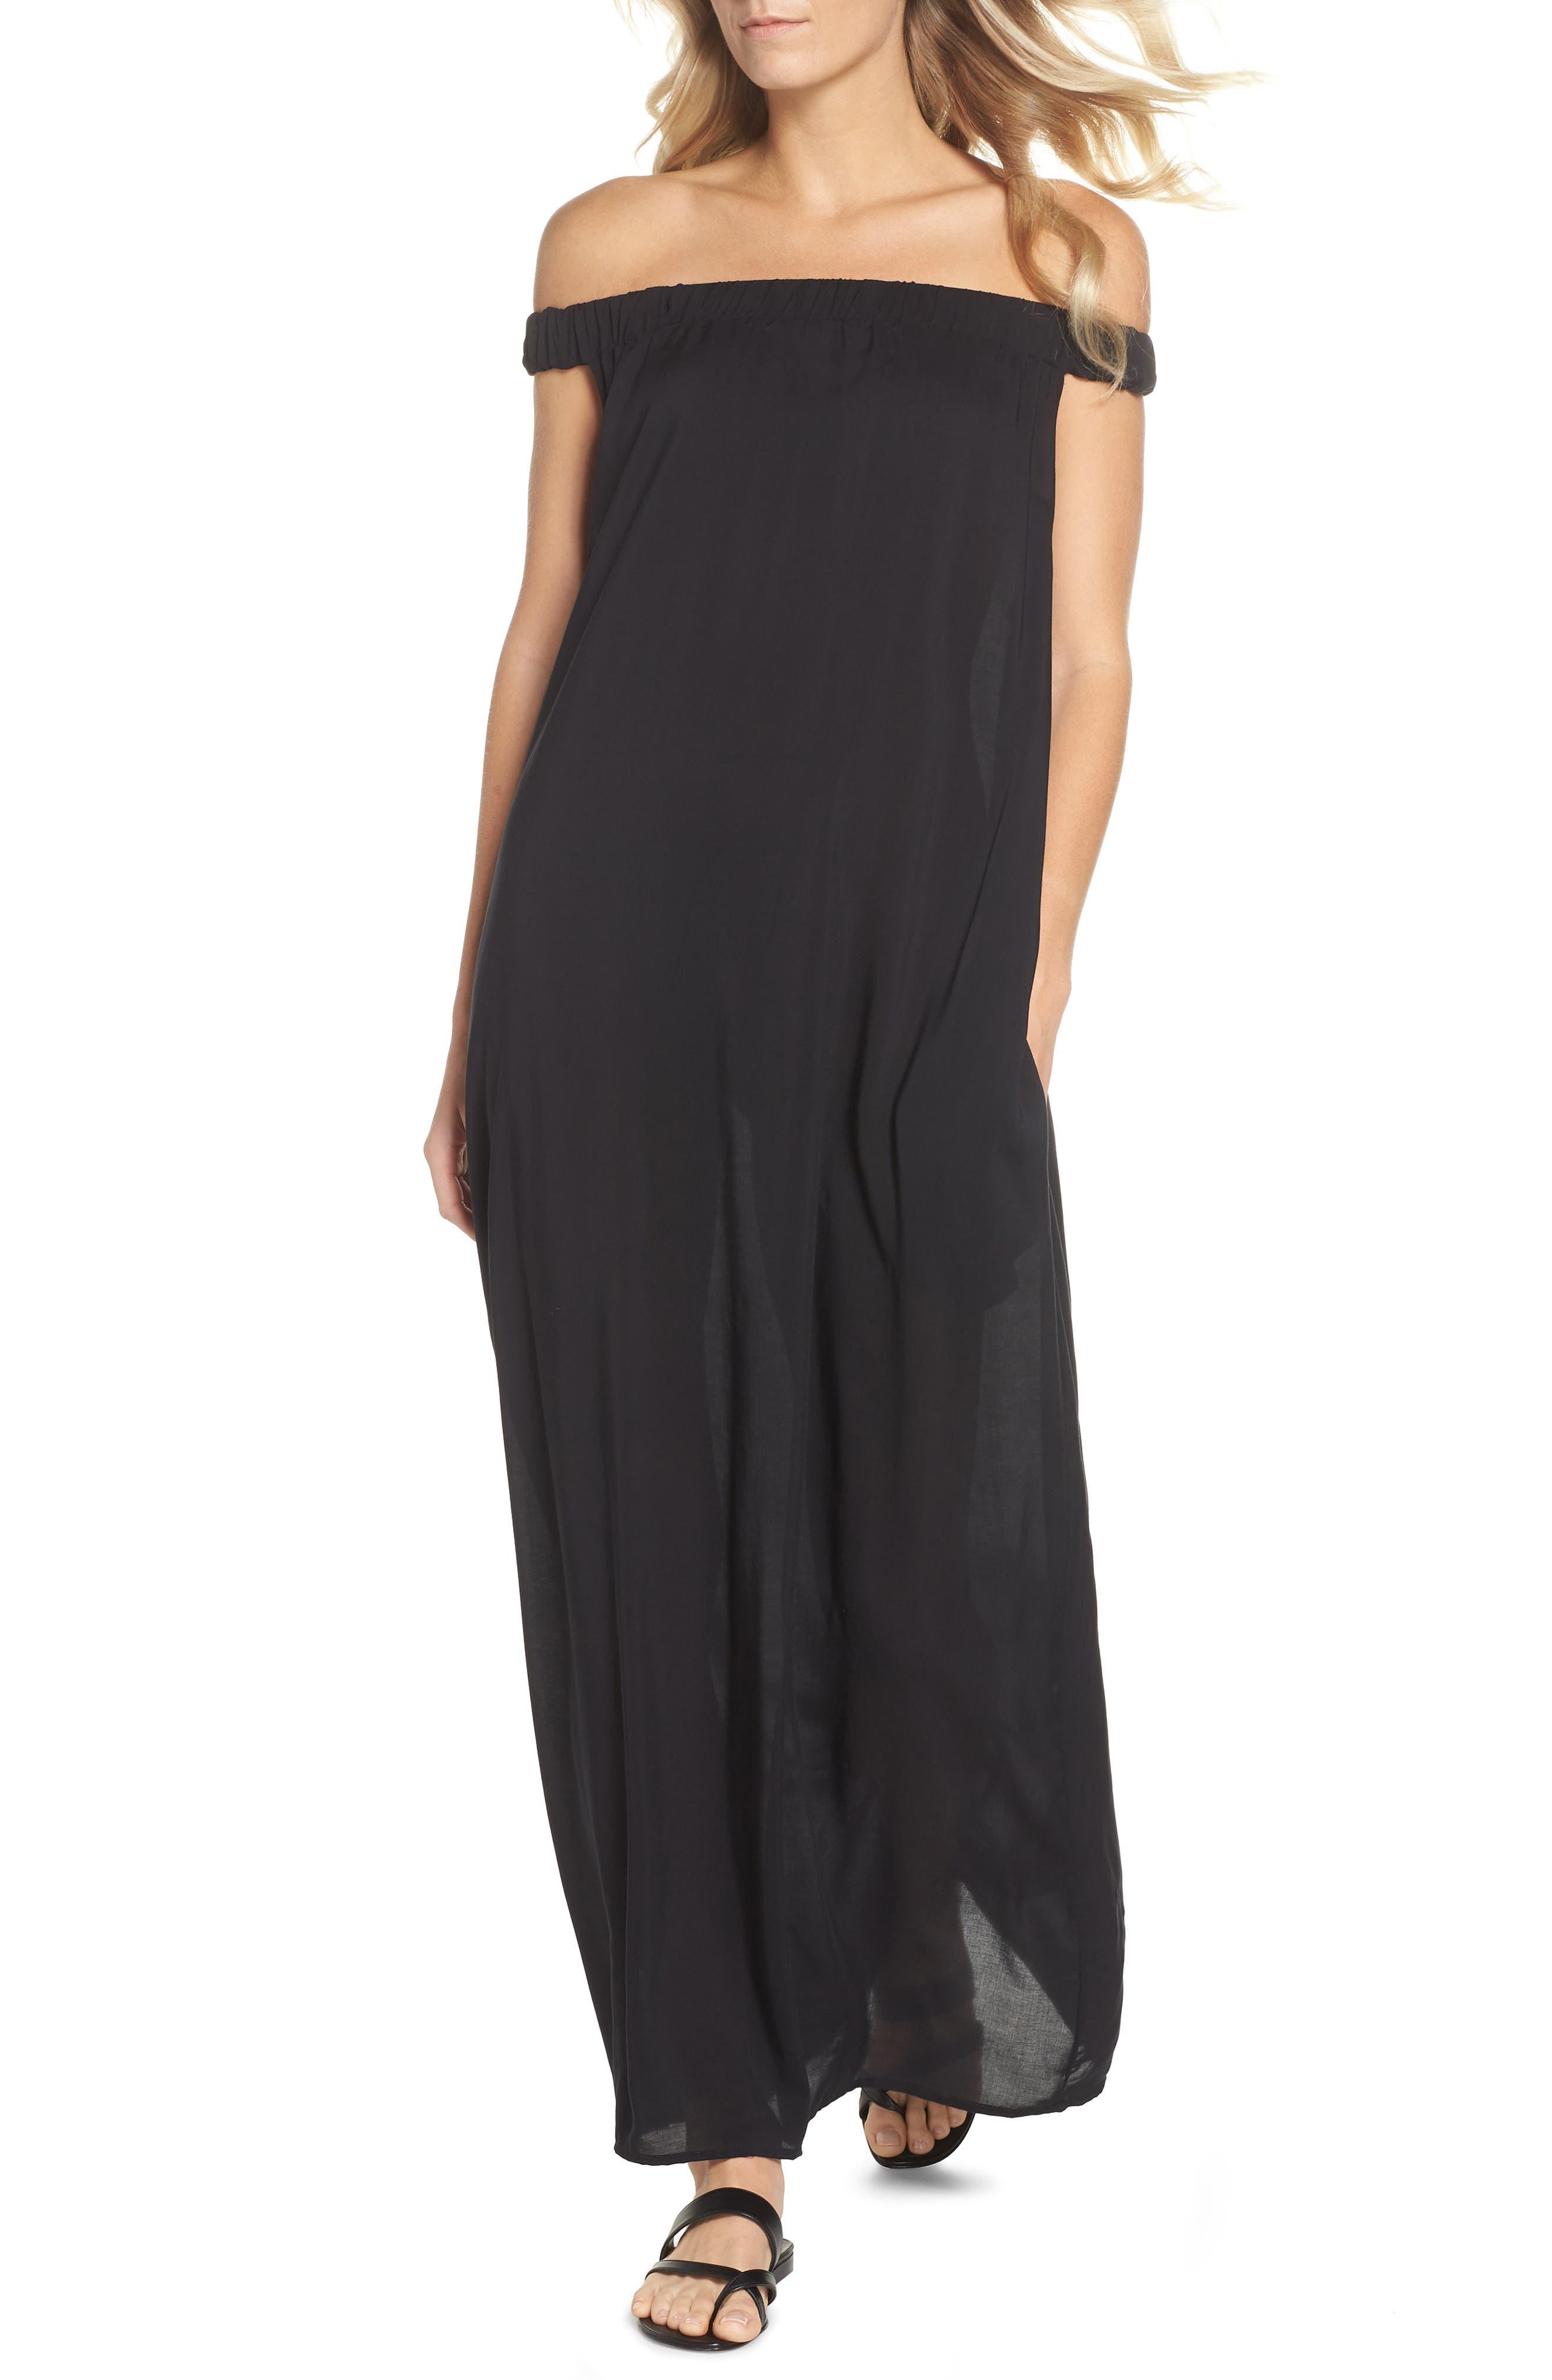 Elan Off The Shoulder Cover-Up Maxi Dress